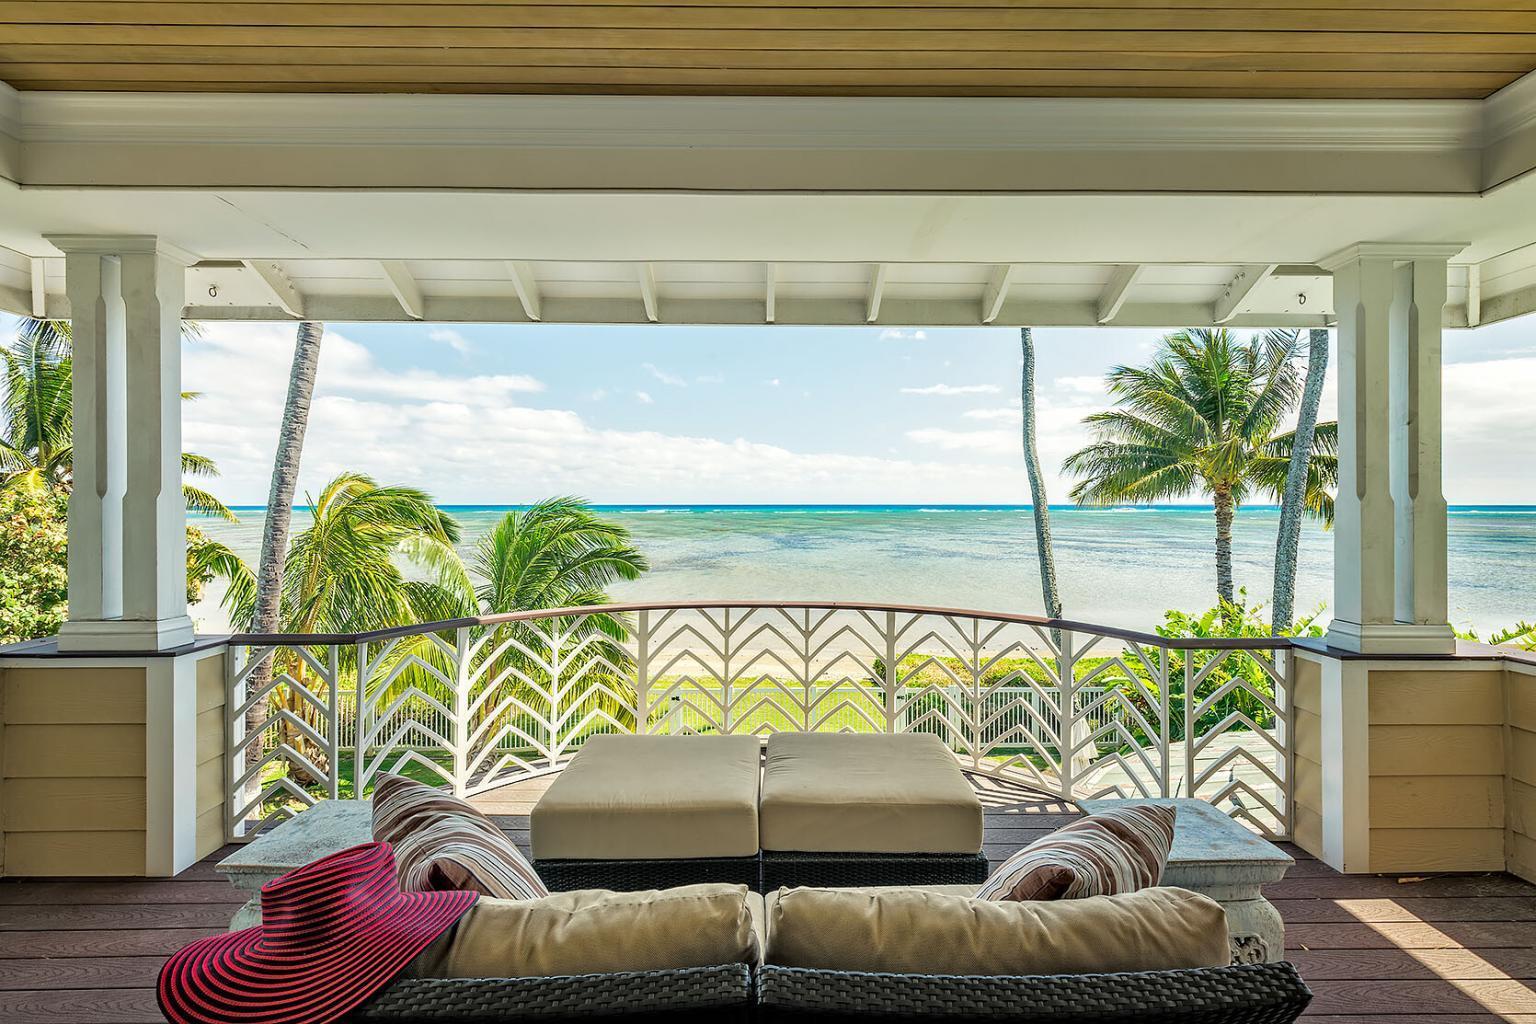 luxury-hotel-view-photo-panaviz